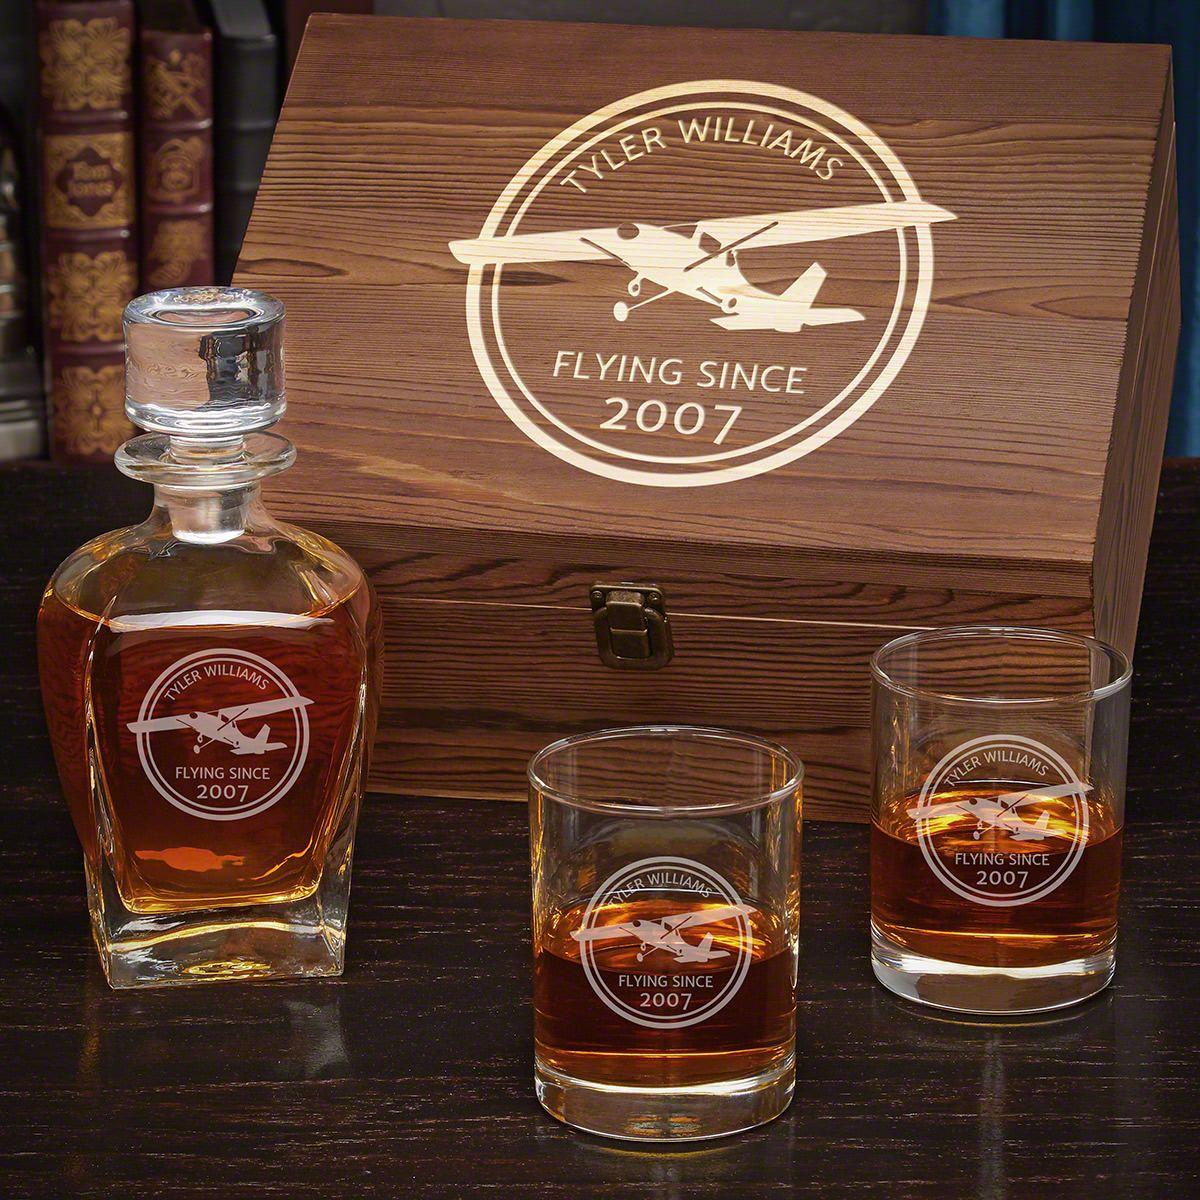 Aviator Custom Draper Decanter Whiskey Box Set with Eastham Glasses - Gift for Pilots